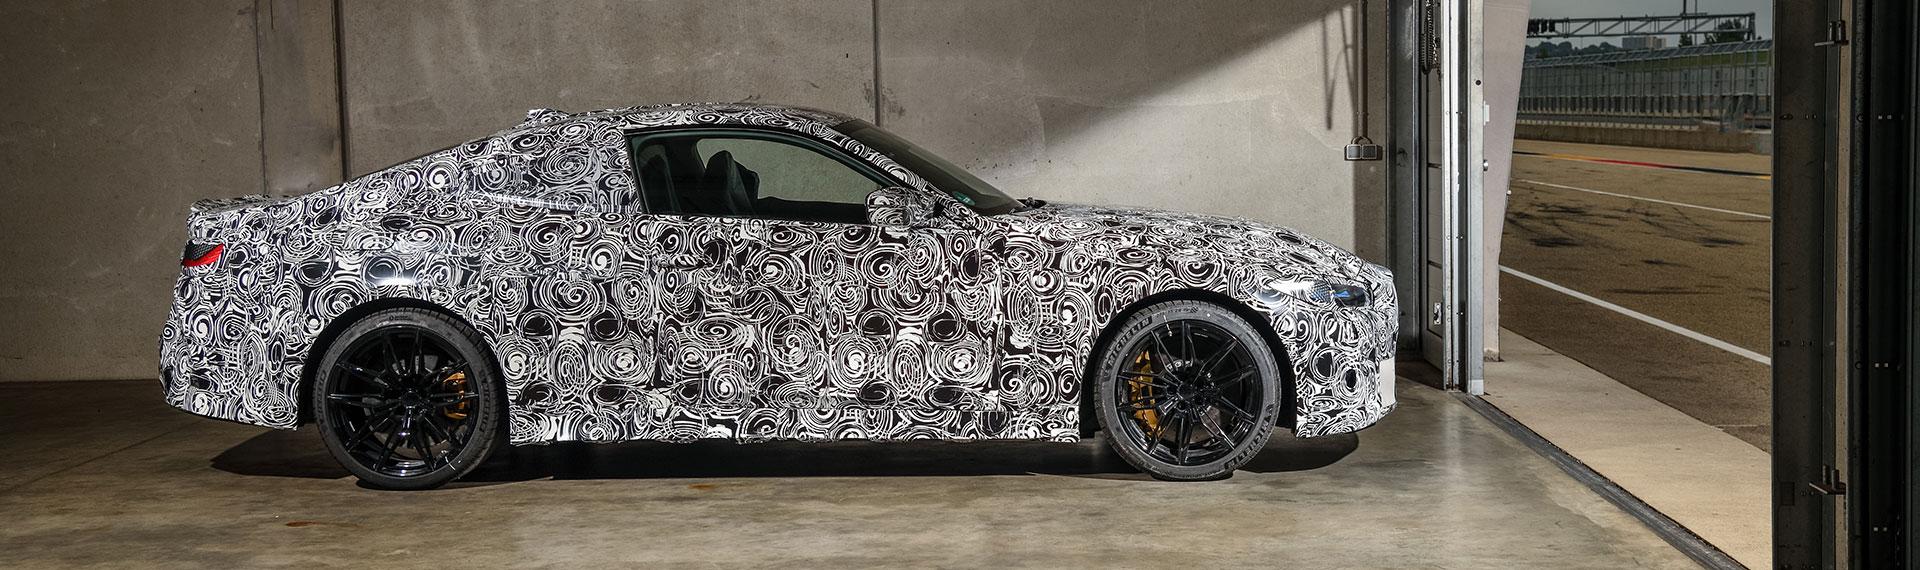 BMW M4 Coupé side profile